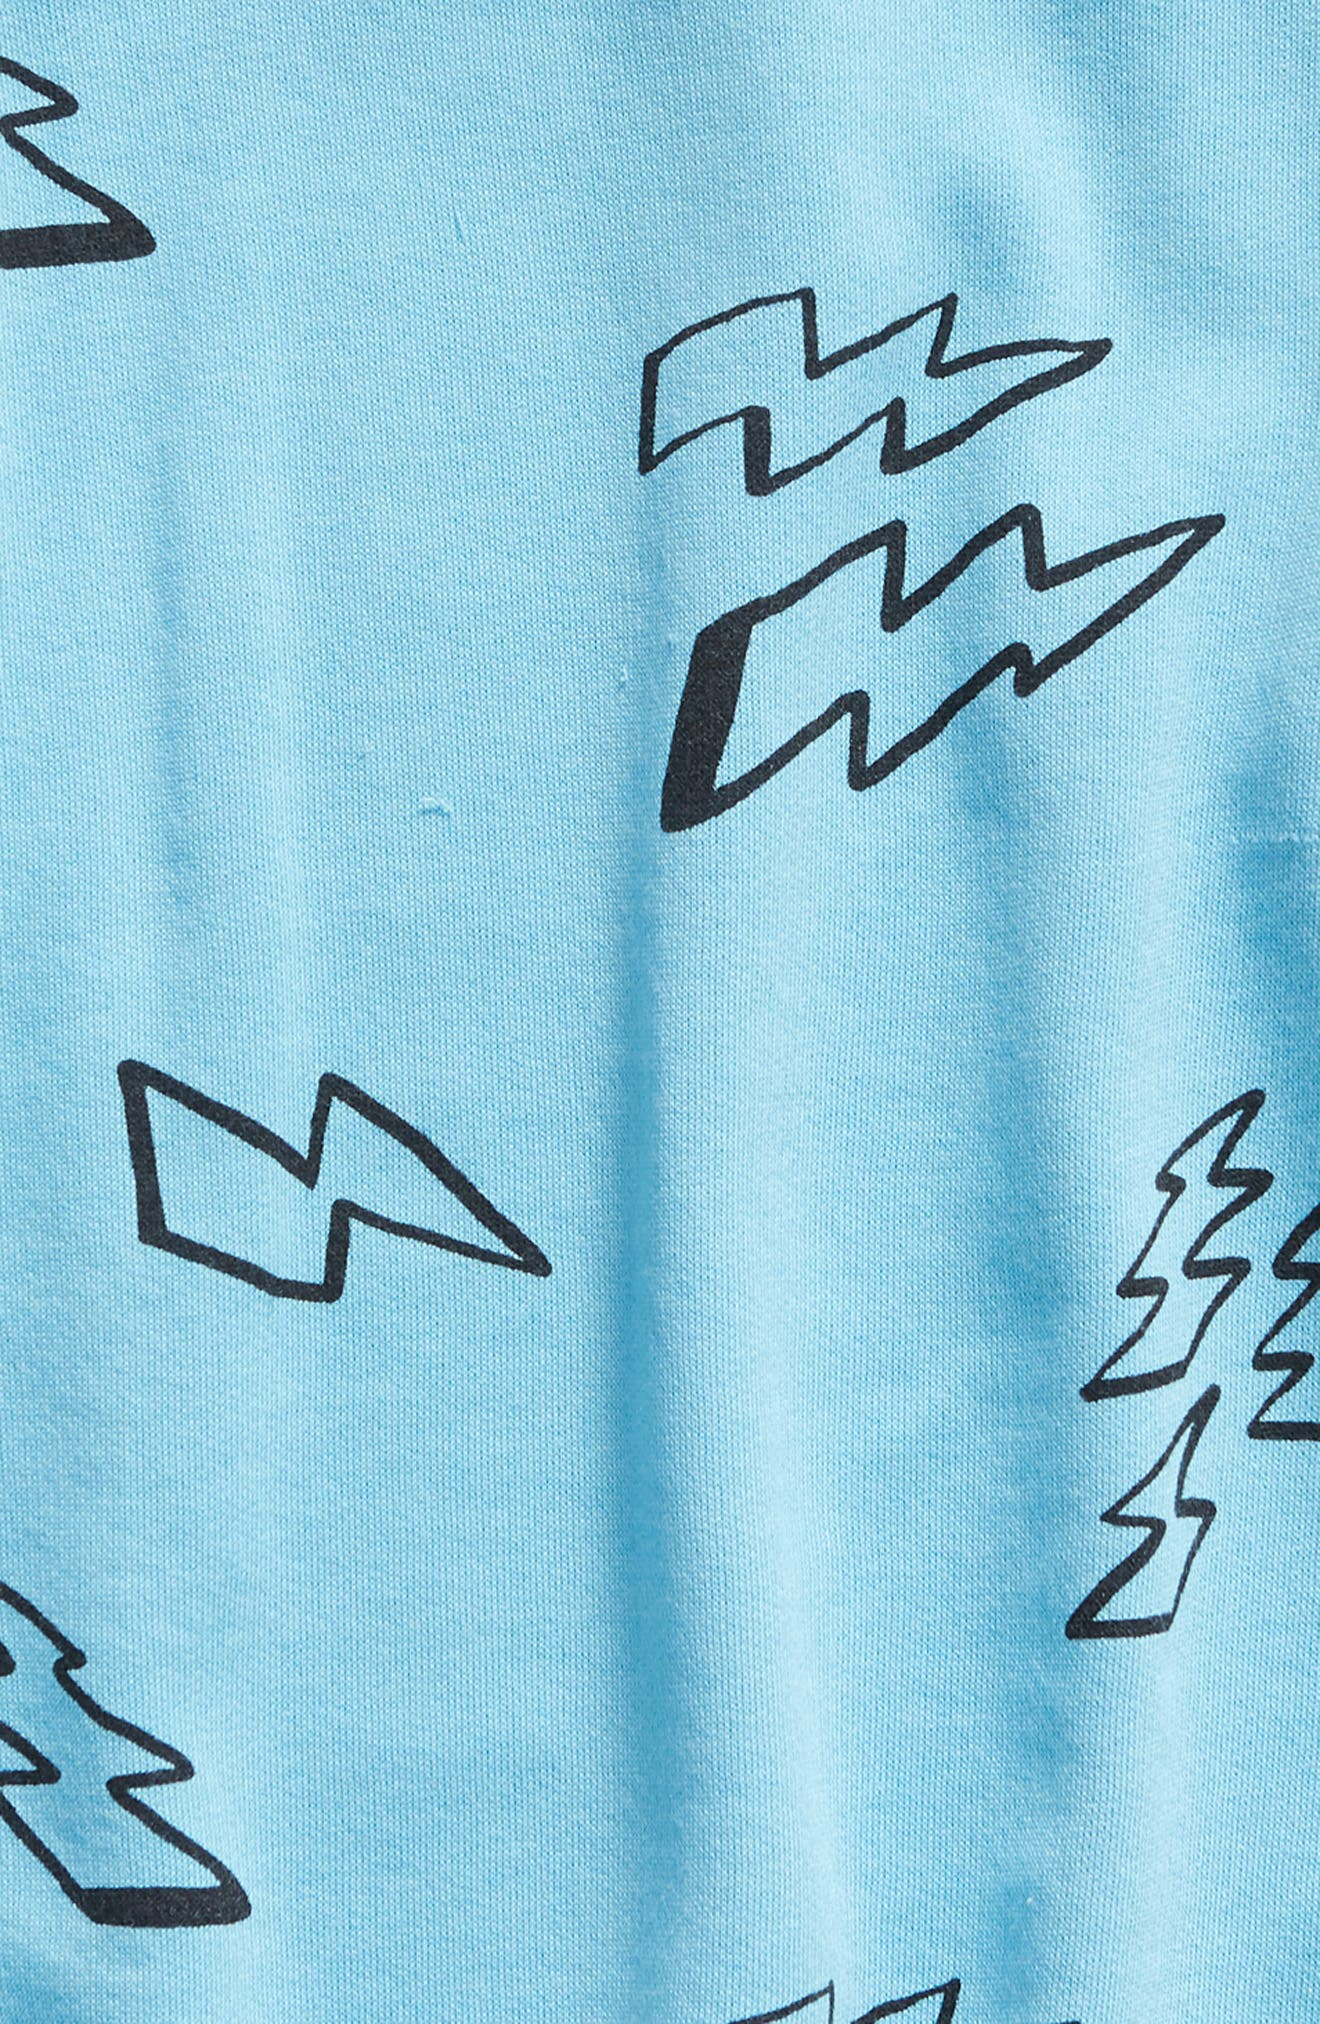 STEM,                             Swoop Raglan Top,                             Alternate thumbnail 2, color,                             BLUE ETHER MARKER BOLTS